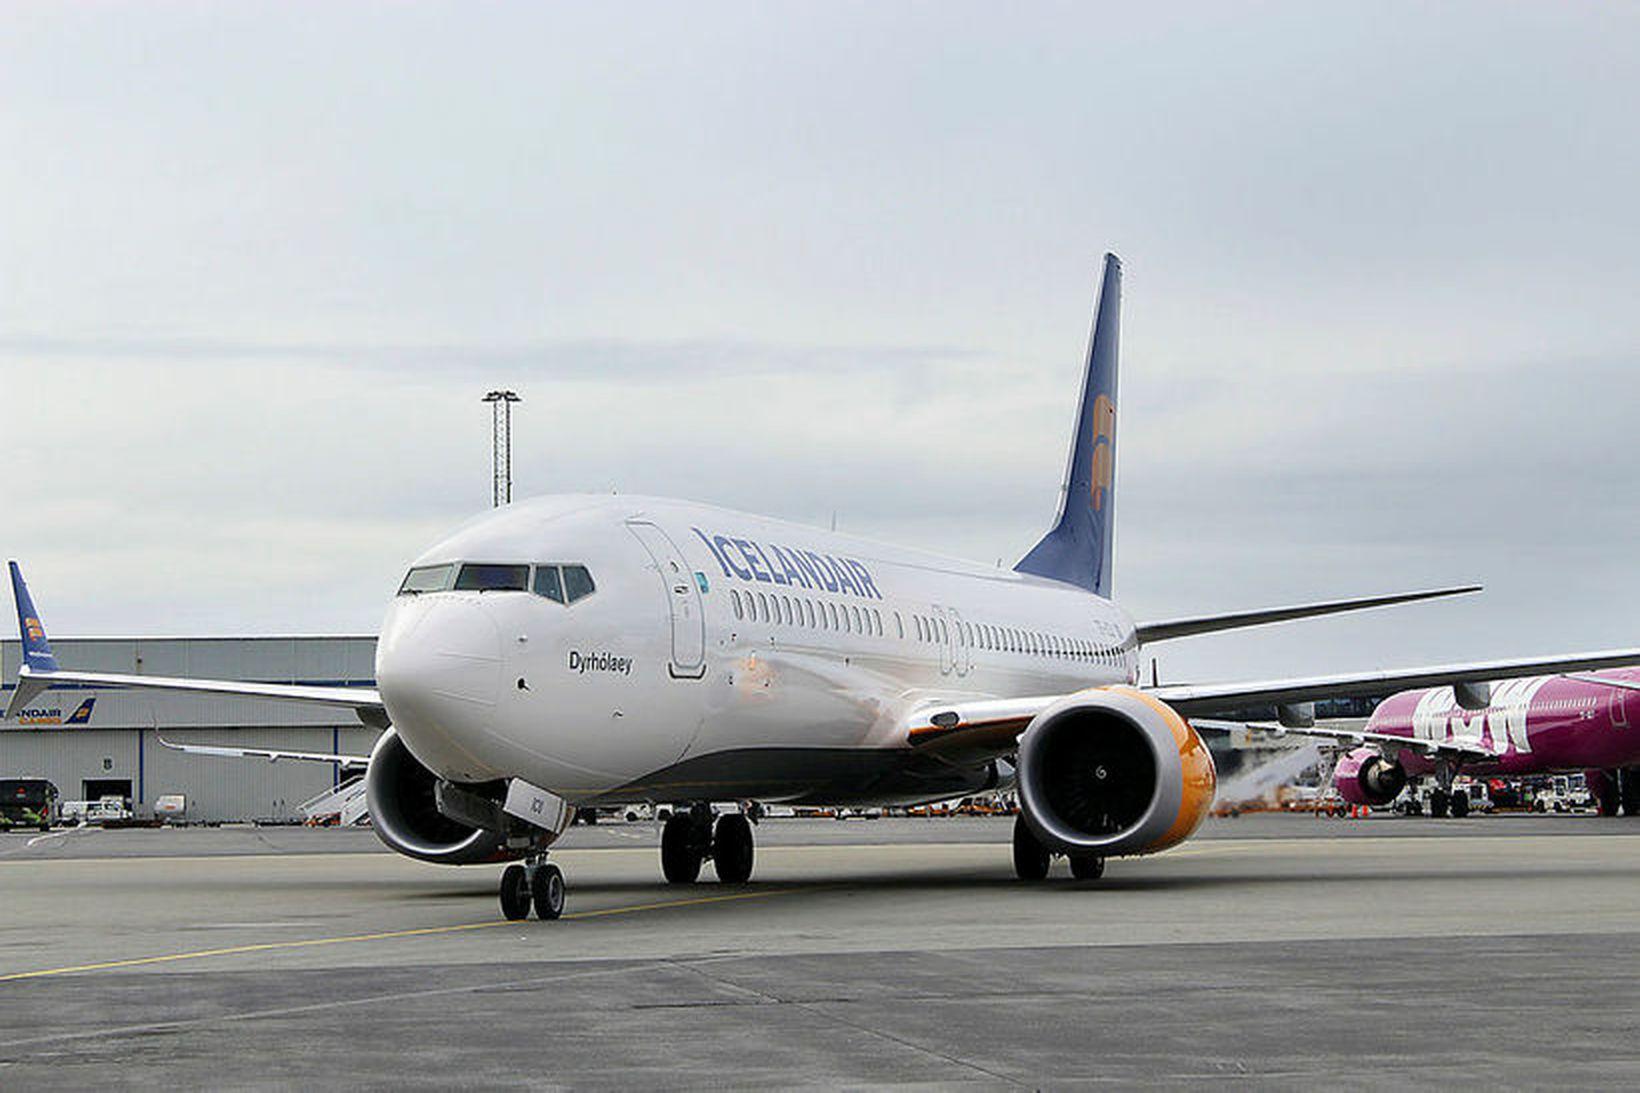 Kyrrsetning MAX-vélanna hefur leitt gríðarlegt tjón yfir Icelandair á síðustu …